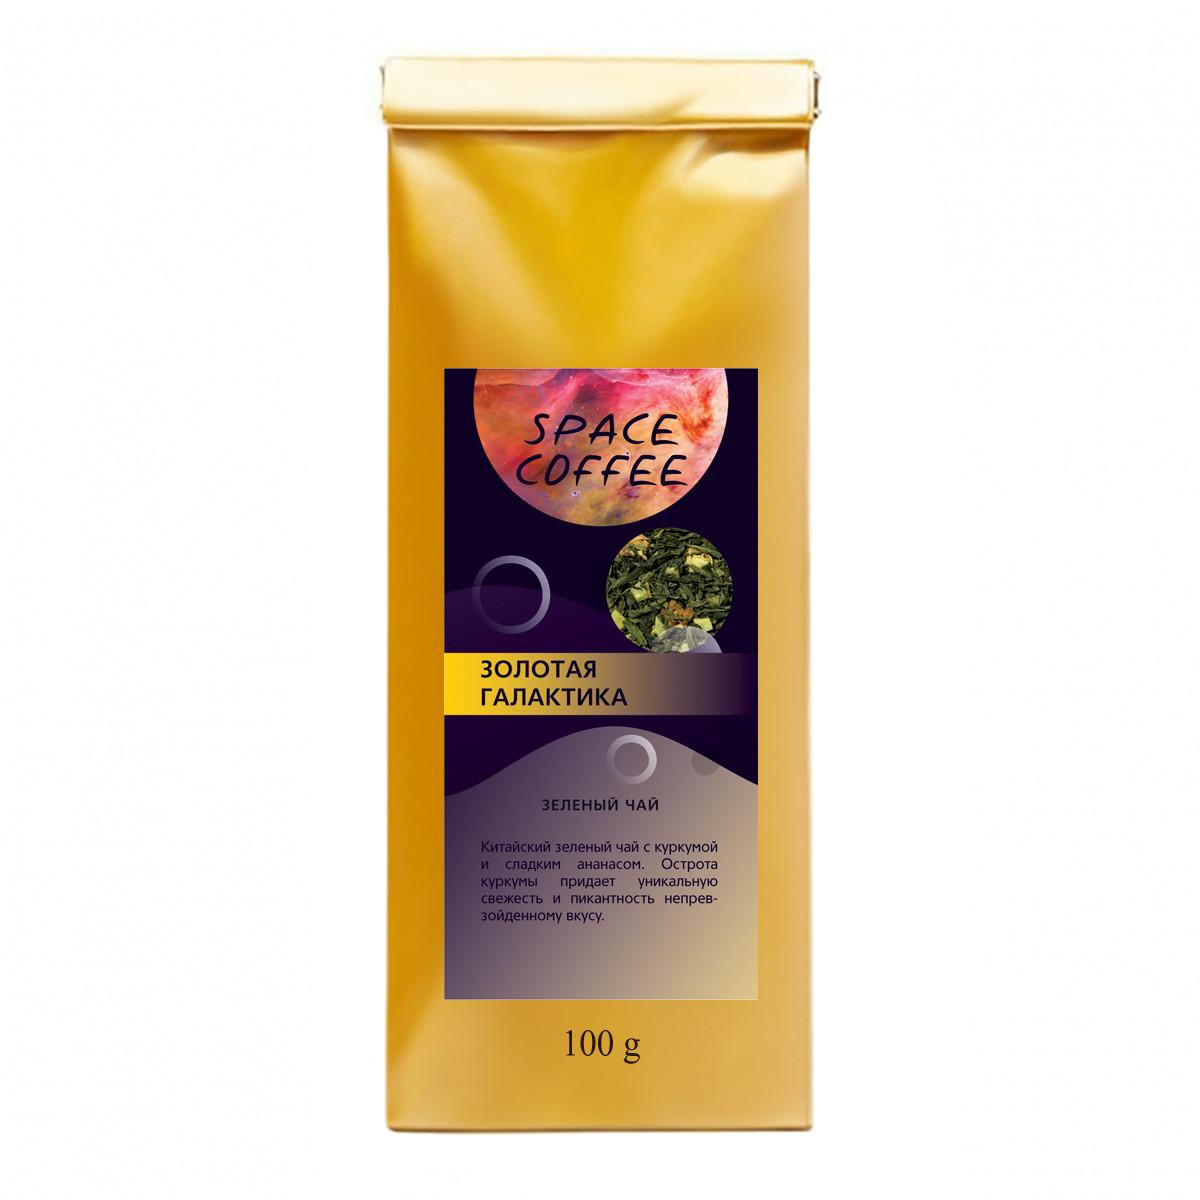 Зелений чай з ананасом і куркумою Золота Галактика Space Coffee 100 грам